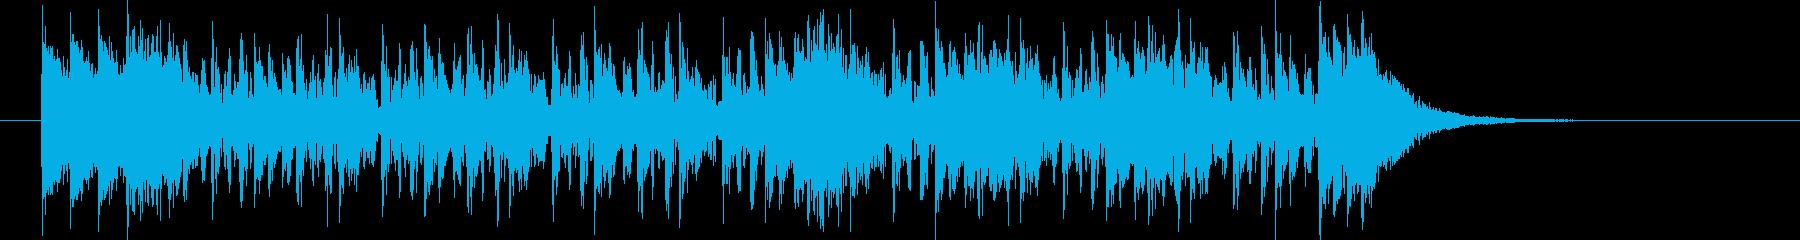 激しいテクノポップスのジングルの再生済みの波形